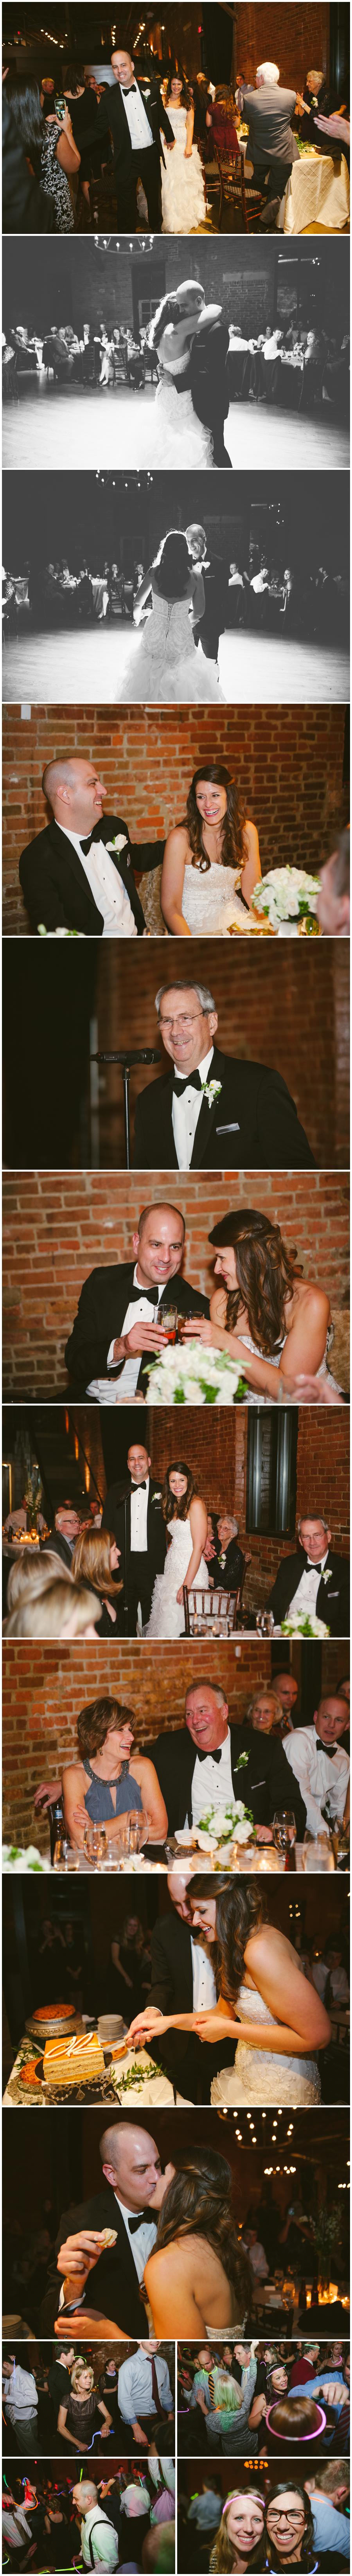 Blog Collage-Kelly+NateW5